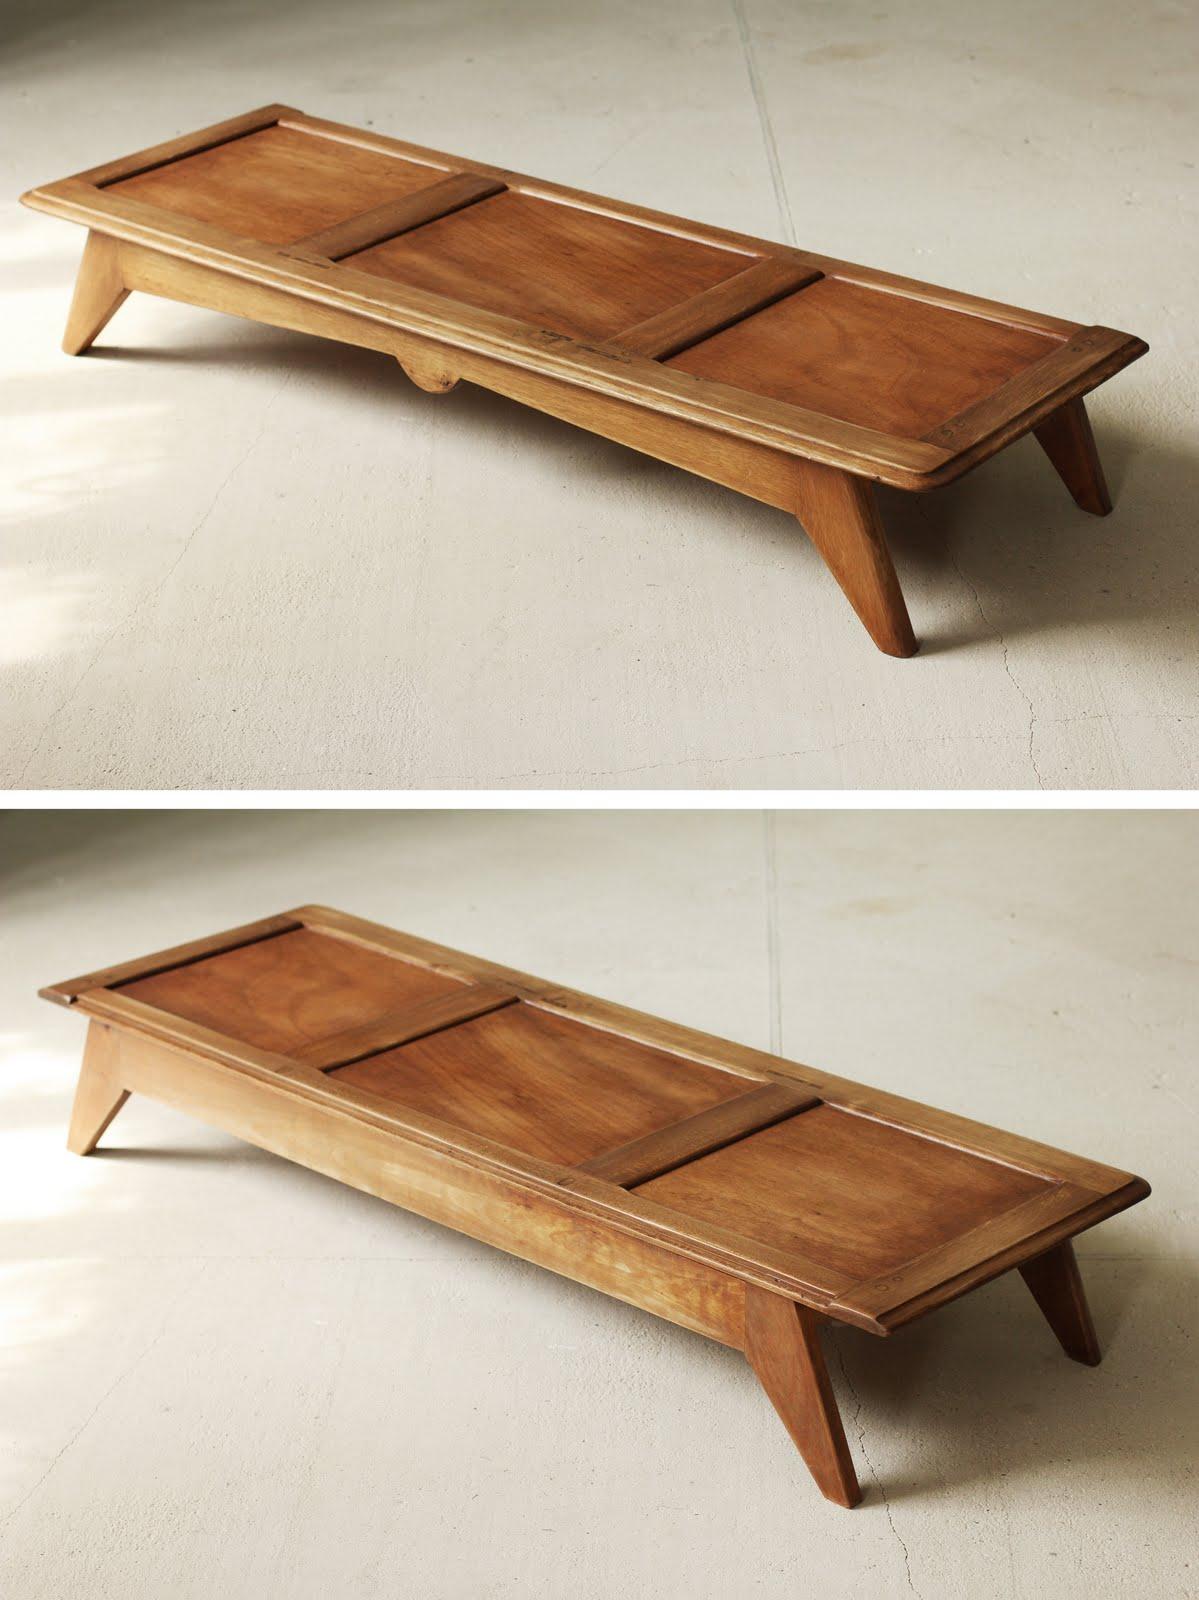 de derri re les fagots la grande table basse ou le meuble t l 200 euros. Black Bedroom Furniture Sets. Home Design Ideas